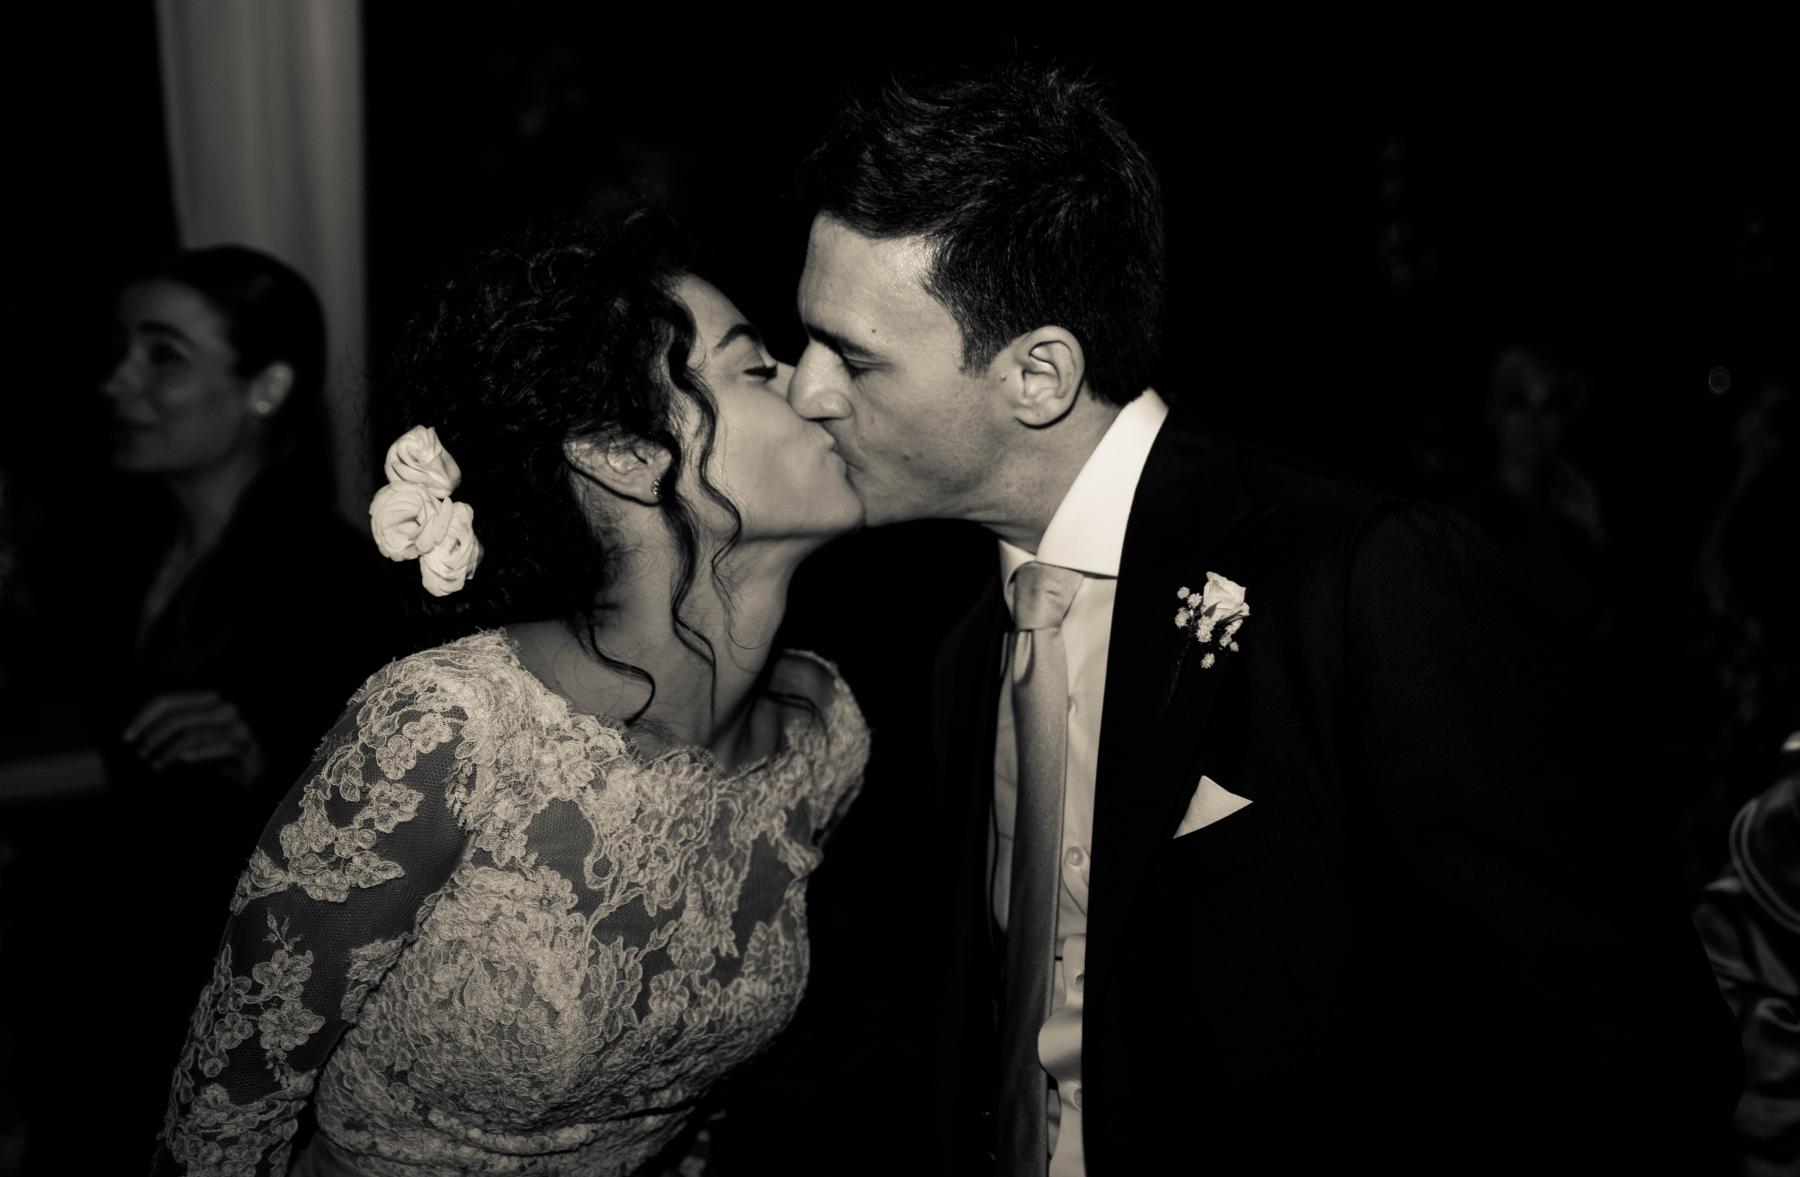 matrimonio_villaavellino_napoli_sudritorante_blineventi-19